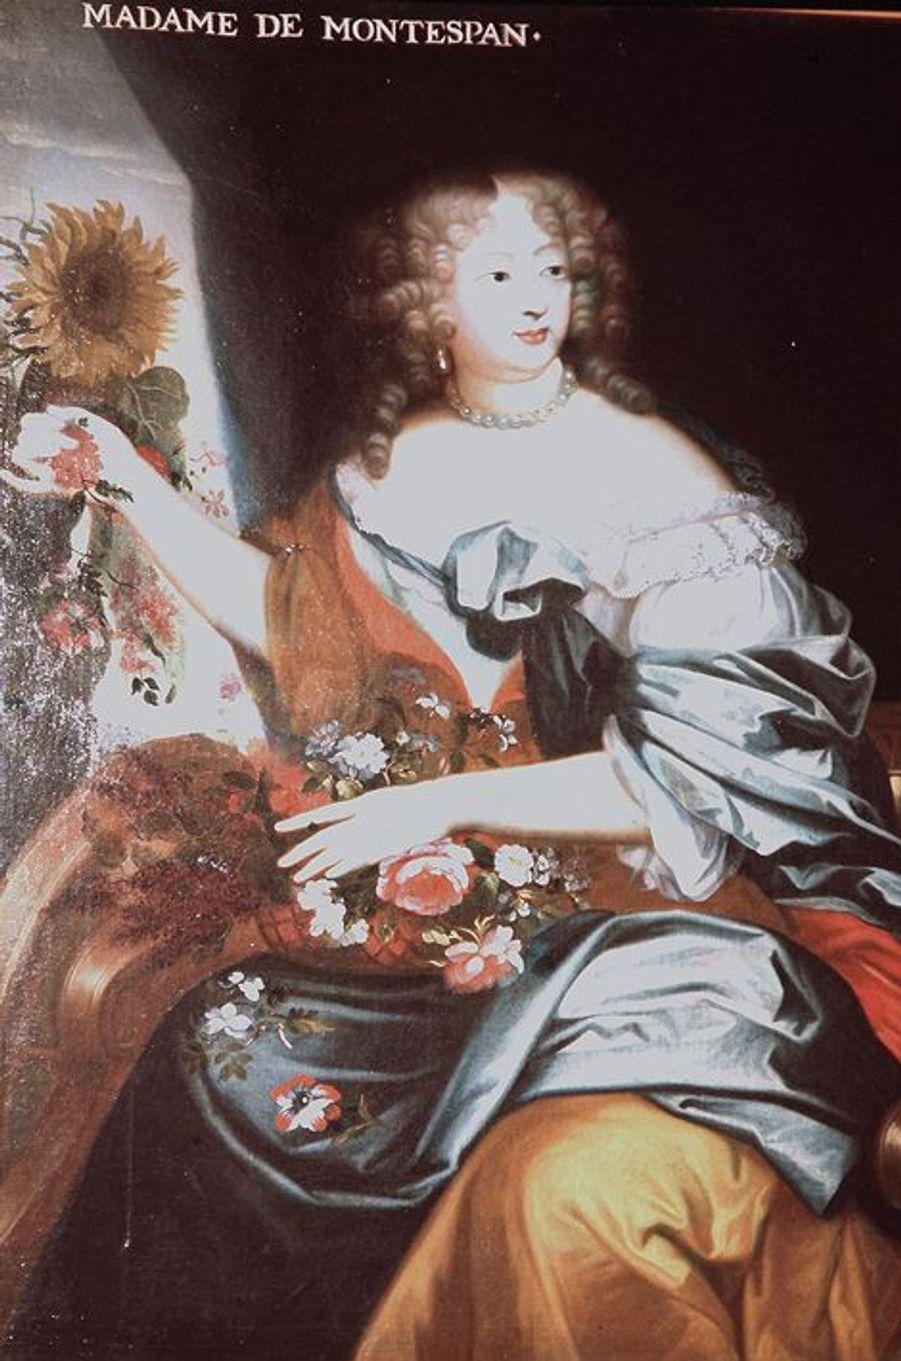 Madame de Montespan (1640-1707), l'une de ses favoritesElle se nomme très exactement Françoise Athénaïs de Rochechouart de Mortemart et est la fille d'un gentilhomme de la chambre du roi et d'une dame d'honneur d'Anne d'Autriche. Née le 5 octobre 1640, elle épouse à l'âge de 22 ans Louis Henri de Pardaillan de Gondrin, marquis de Montespan.Devenue dame d'honneur de la reine, la jeune femme rencontre Louis XIV à l'automne 1666. Elle devient sa maîtresse en mai de l'année suivante, puis sa favorite en titre en 1674, au départ de la cour de Louise de La Vallière, la première maîtresse officielle du roi.La marquise de Montespan, déjà mère d'une fille et d'un garçon de son union avec son mari, donnera naissance à sept enfants durant sa liaison avec le roi Soleil. Mais une favorite chassant l'autre, Françoise Athénaïs sera disgraciée et remplacée dans le cœur et lit du roi par Madame de Maintenon.Madame de Montespan meurt le 27 mai 1707 à l'âge de 66 ans.